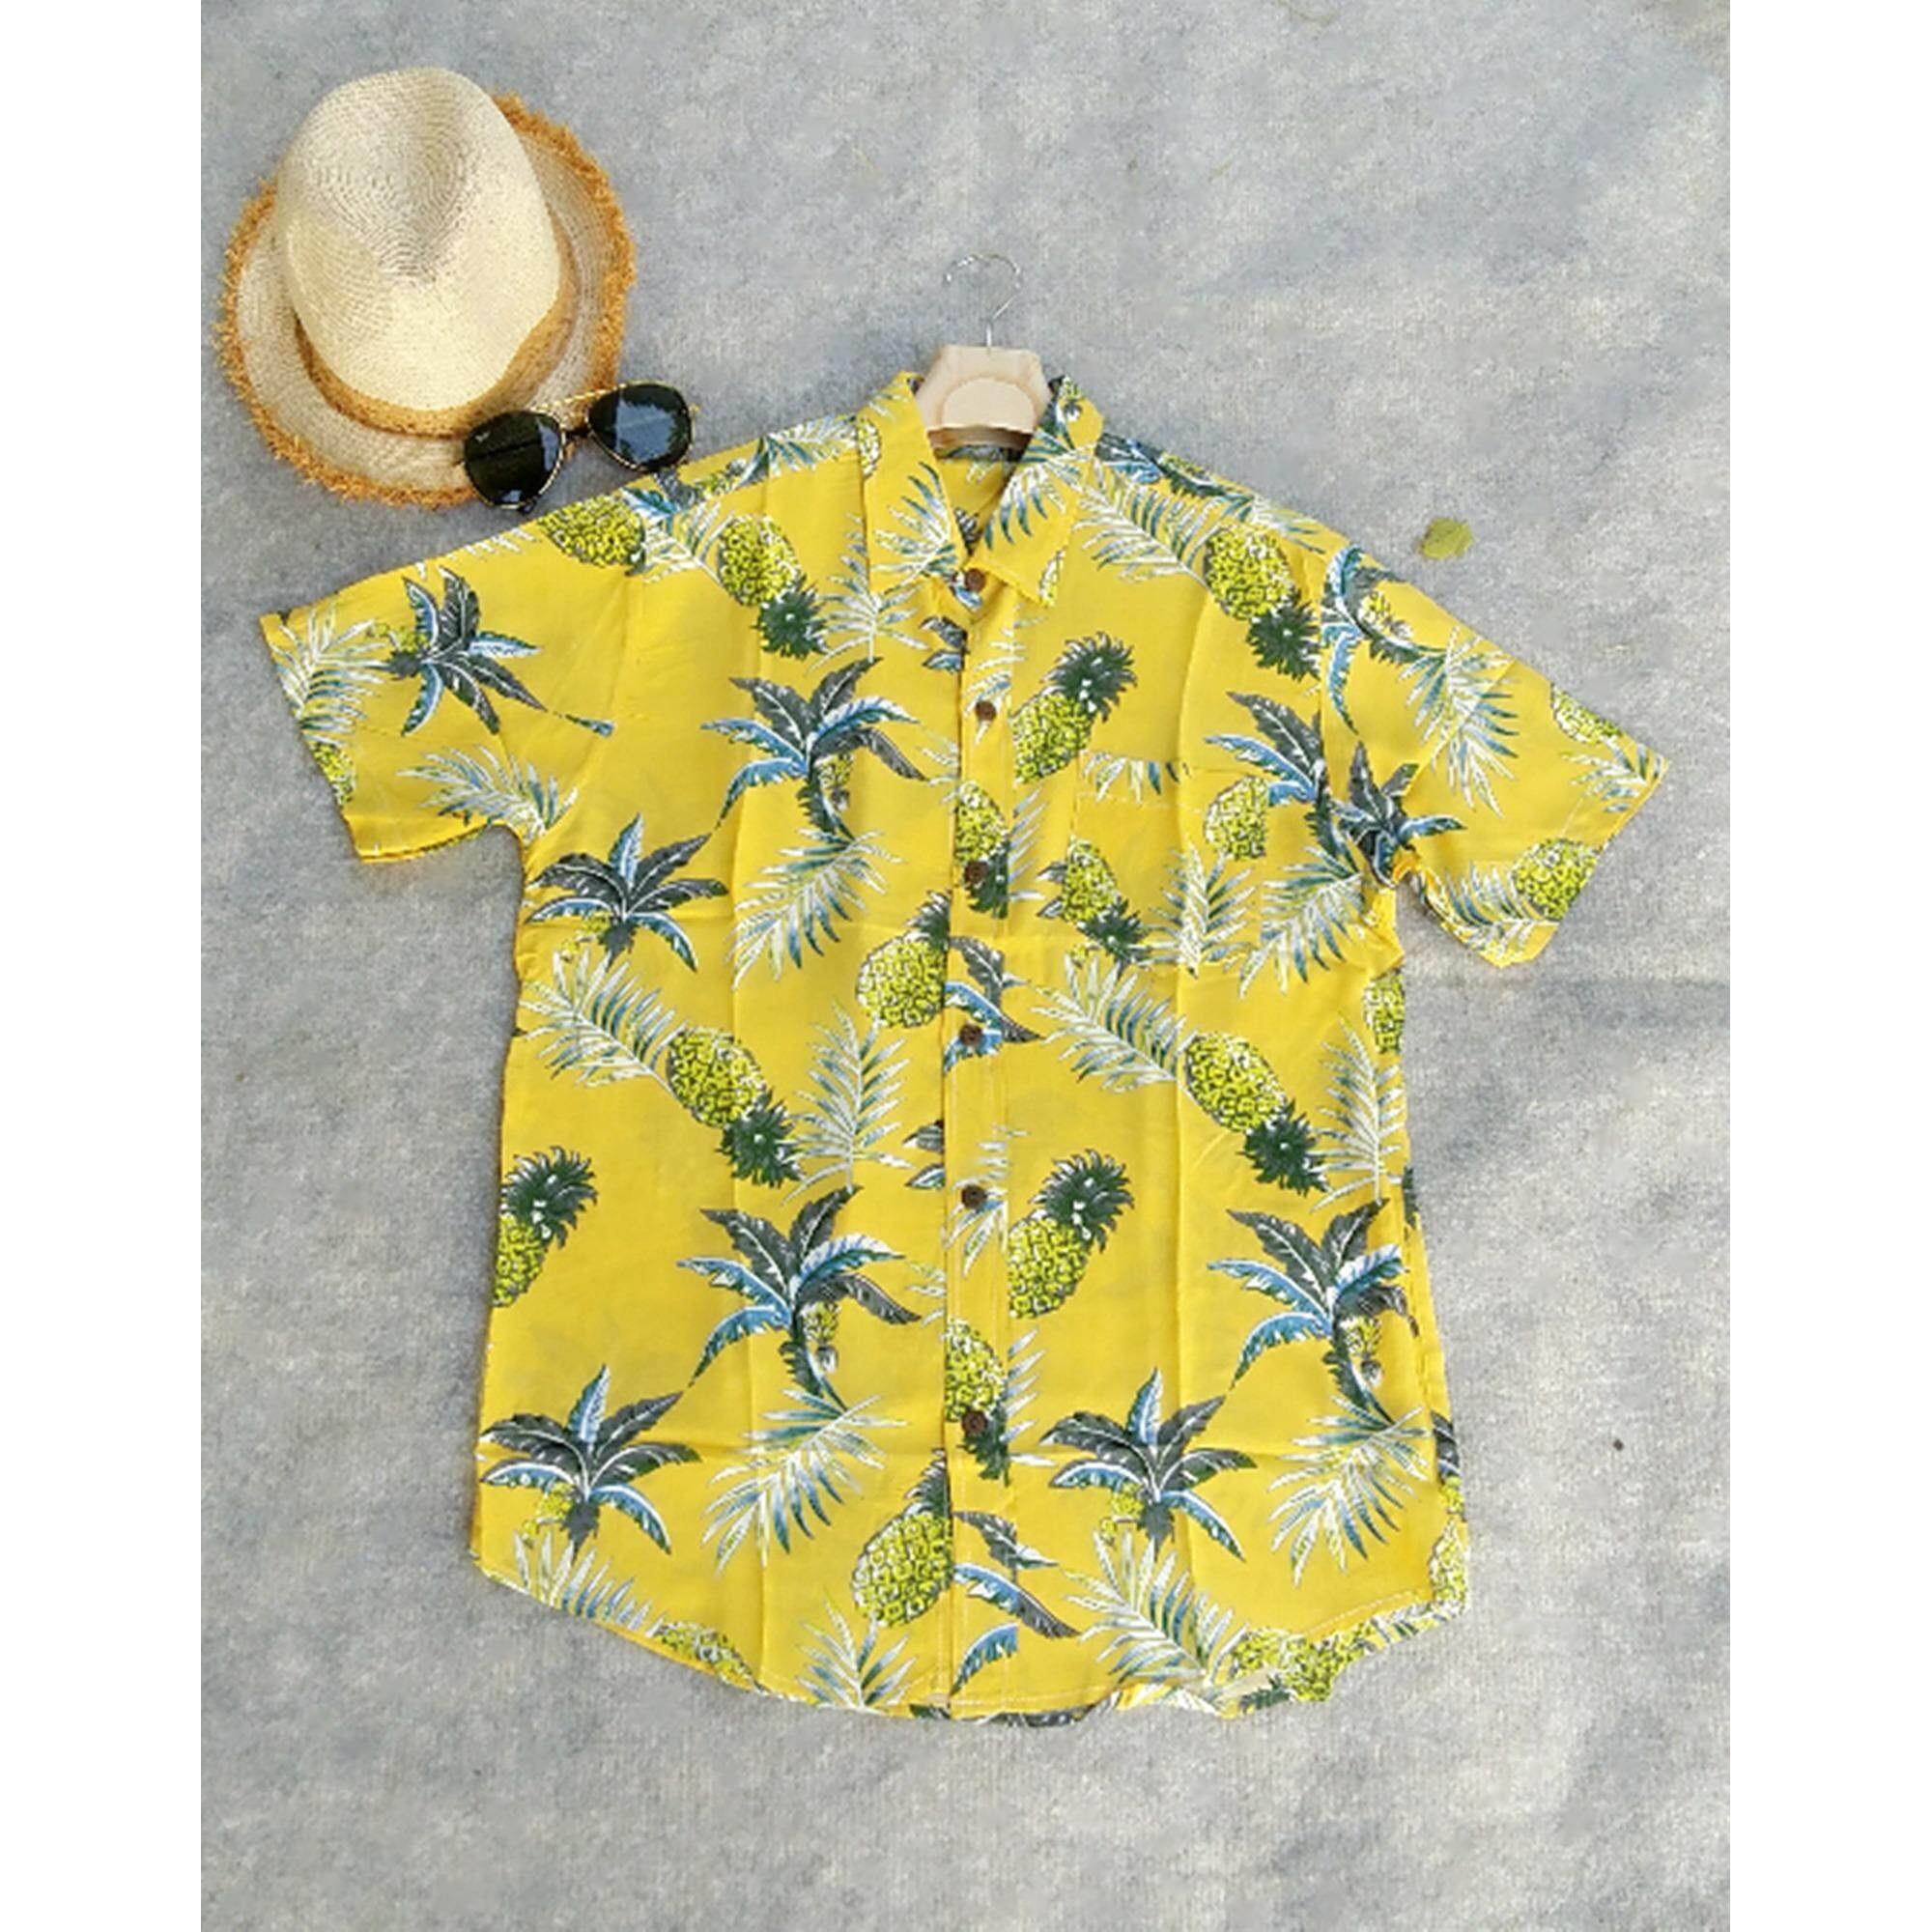 โปรโมชั่น Mama Shop เสื้อเซิ้ตฮาวาย พิมพ์ลายสับปะรด พื้นสีเหลือง คอปก ไซส์ L ผ้านิ่มใส่สบาย รุ่น Mb 079 Mama Shop ใหม่ล่าสุด